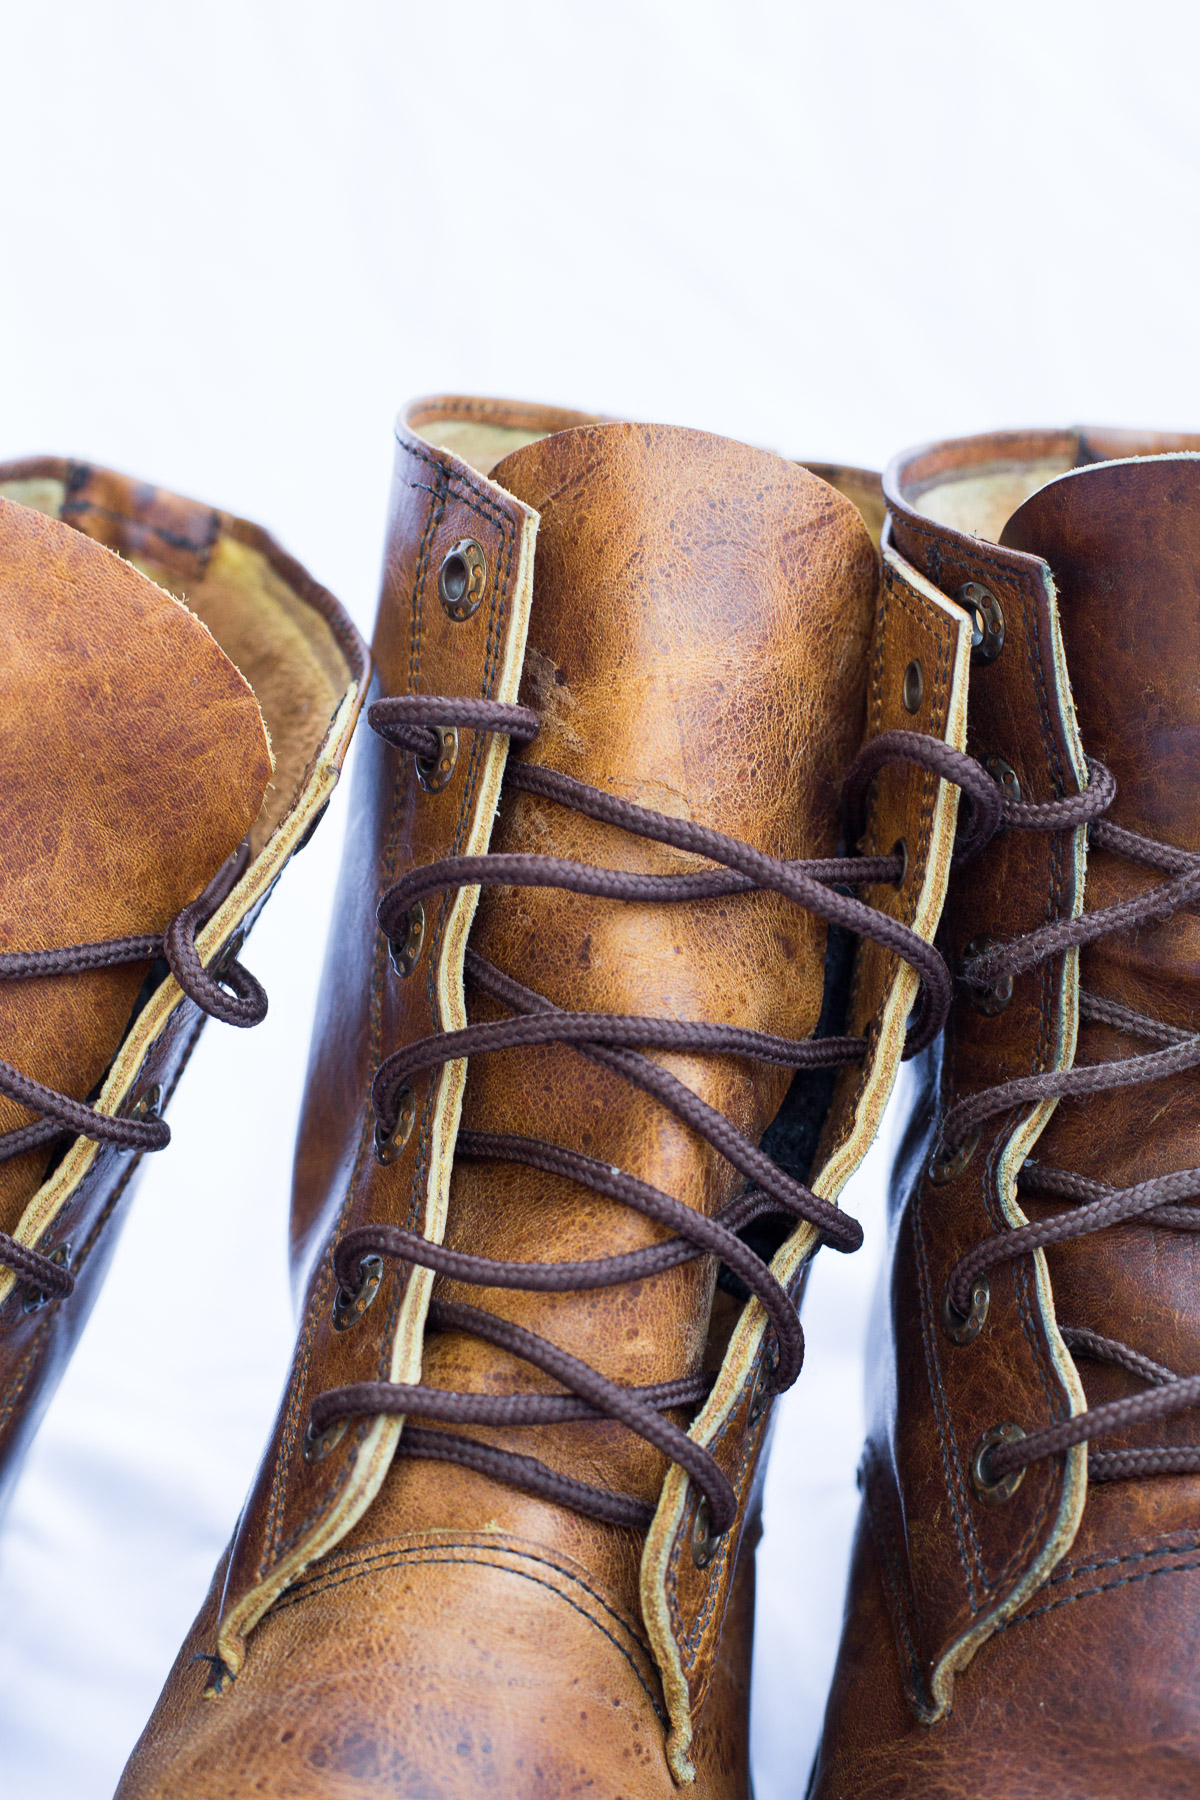 Boots-32.jpg